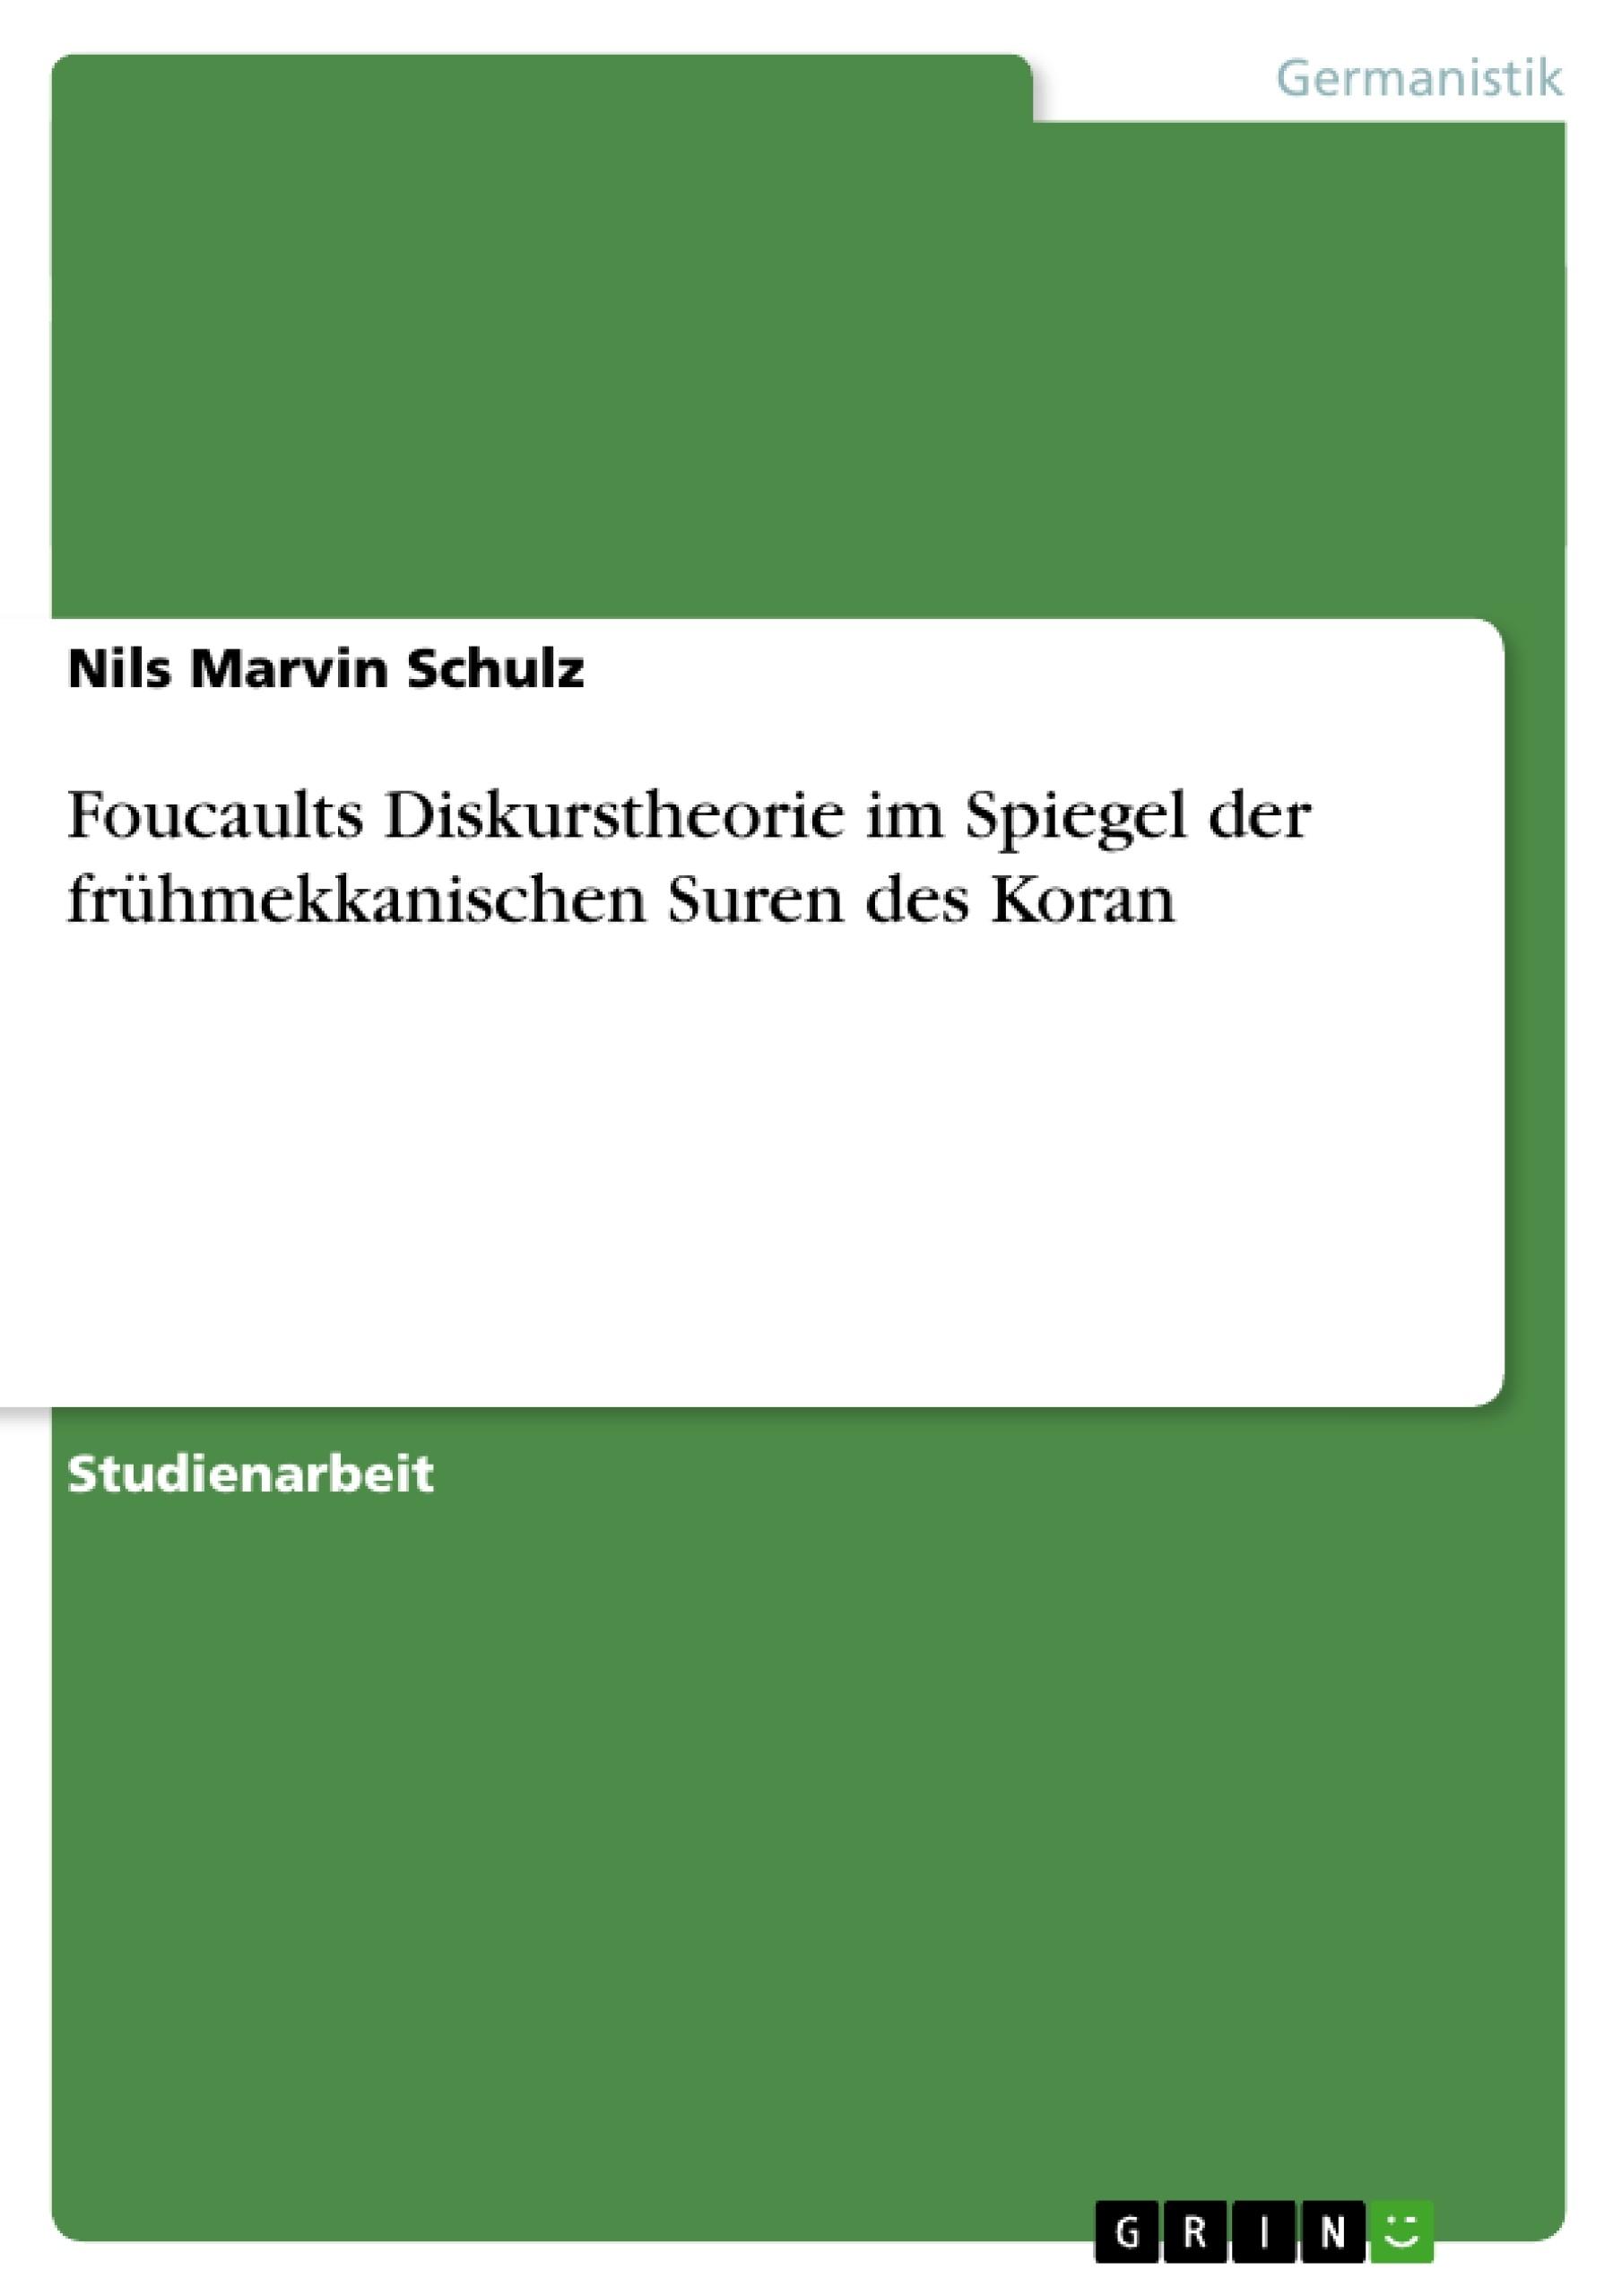 Titel: Foucaults Diskurstheorie im Spiegel der frühmekkanischen Suren des Koran